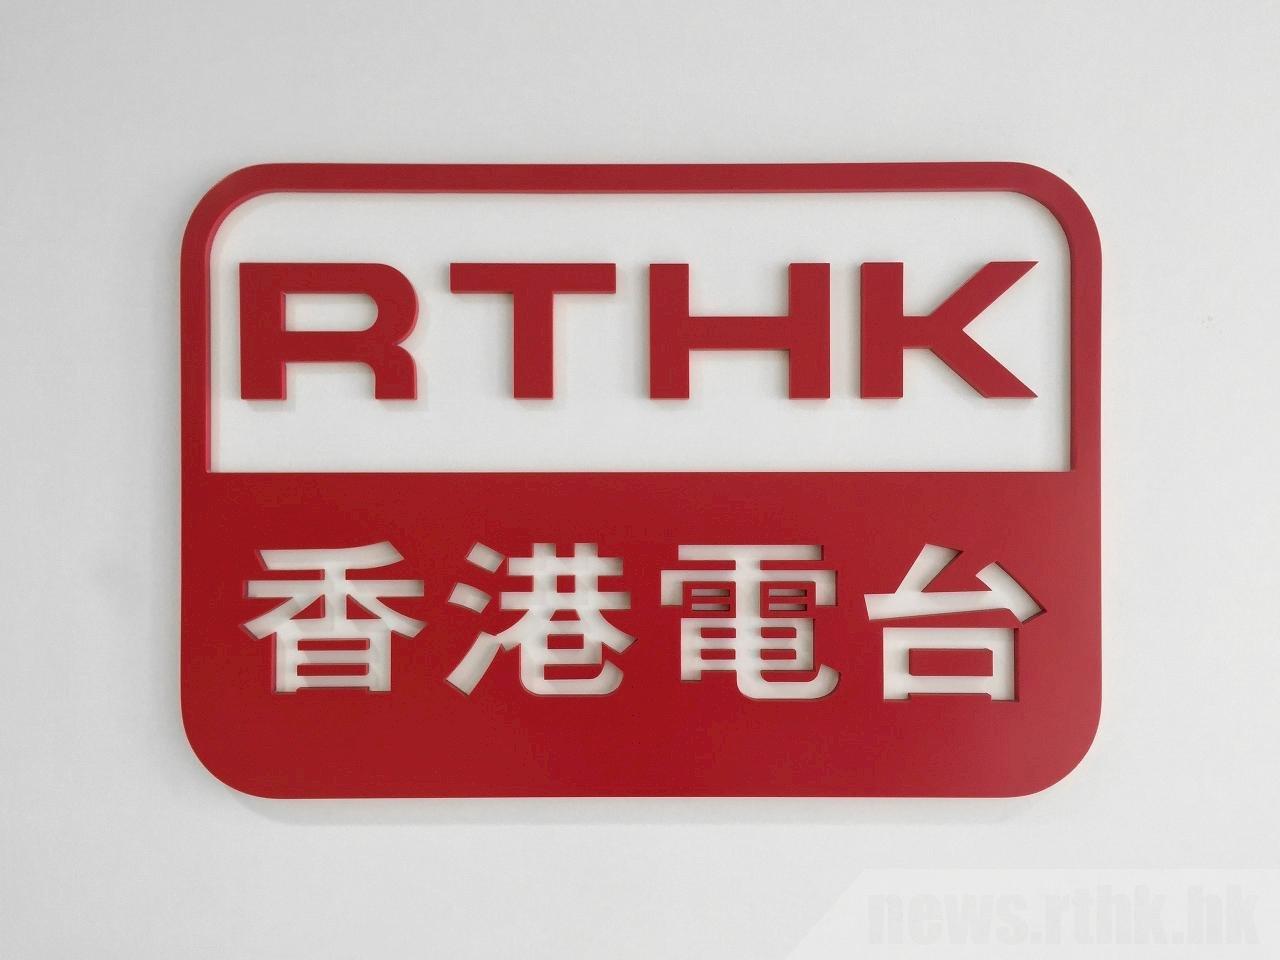 香港電台捲入反送中爭議 顧問指須遵守國安法